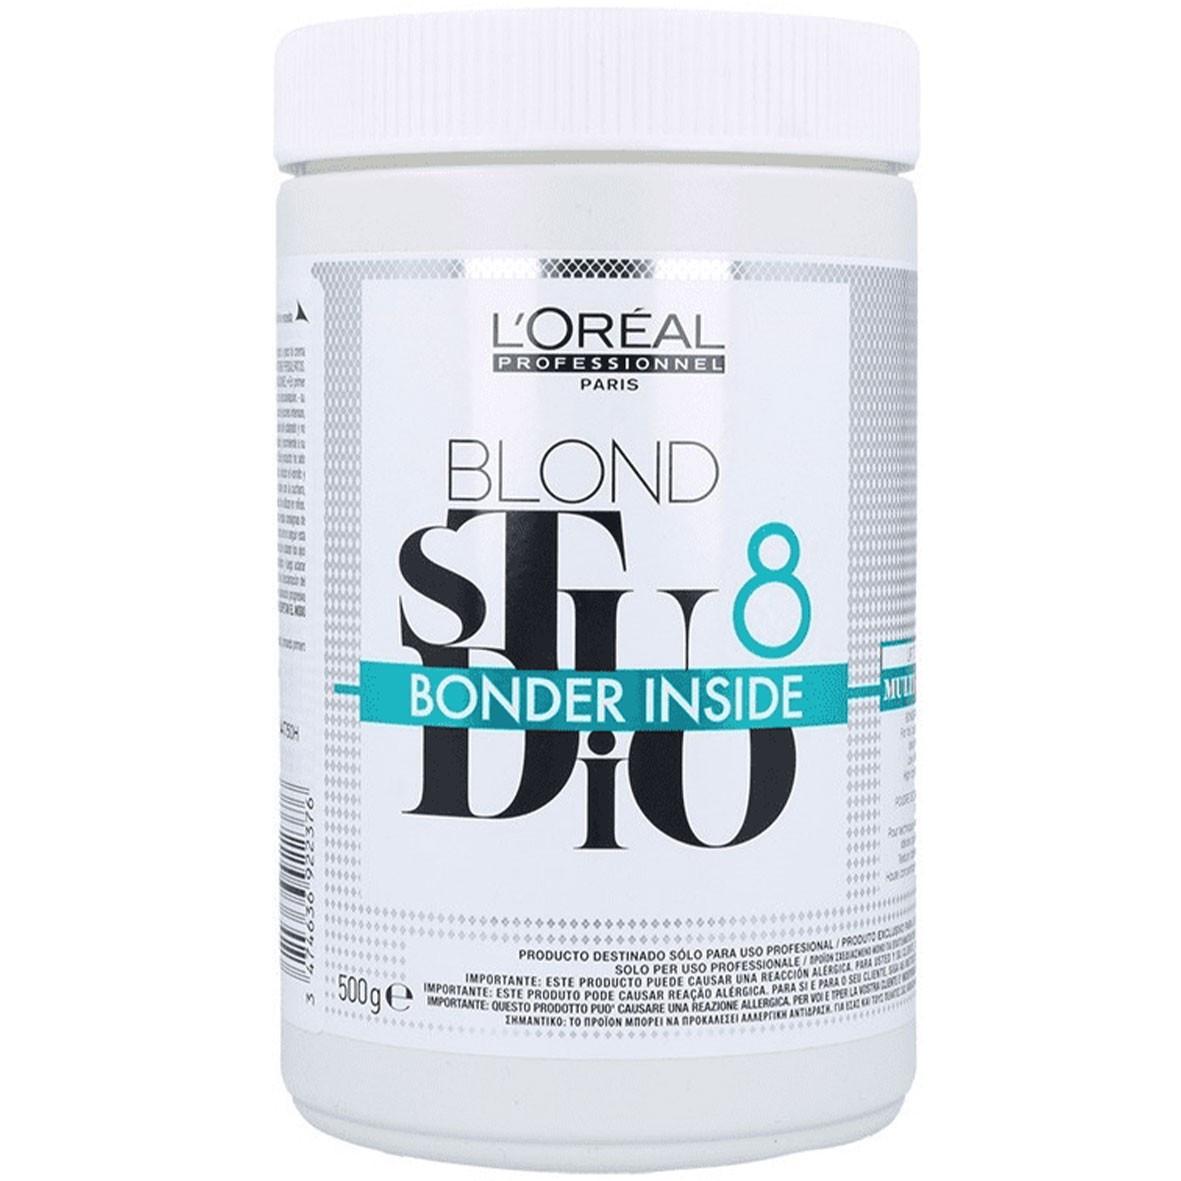 Пудра для освітлення волосся з бондером LOreal Blond Studio Powder 500 г